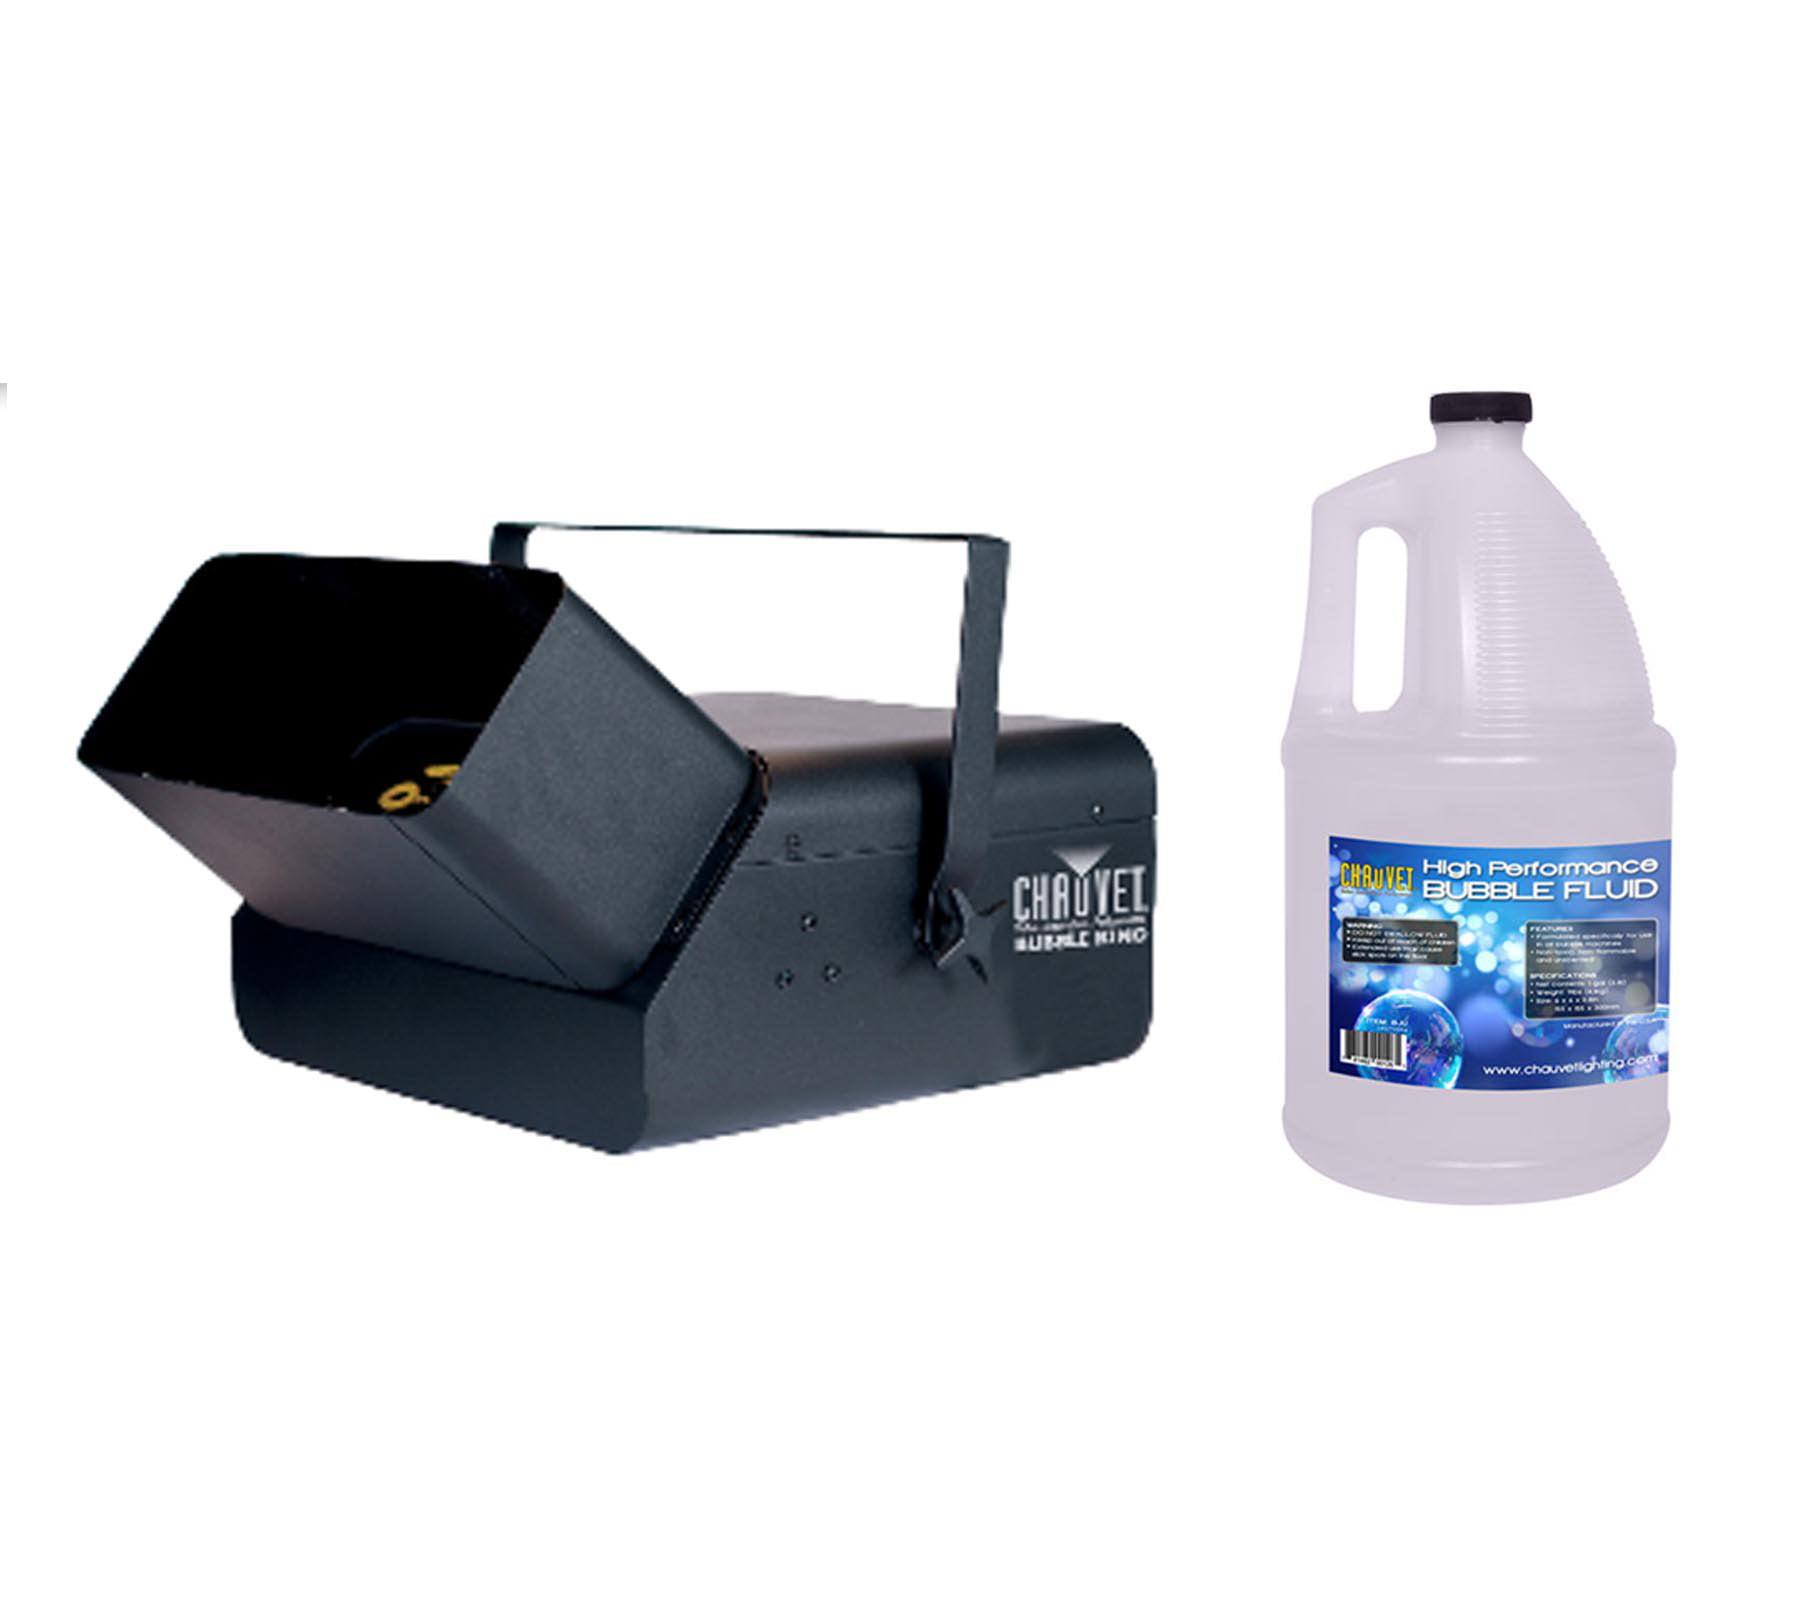 Click here to buy CHAUVET B550 Bubble King High Output Bubble Machine + 1 Chauvet BJU Bubble Fluid by Chauvet Dj.